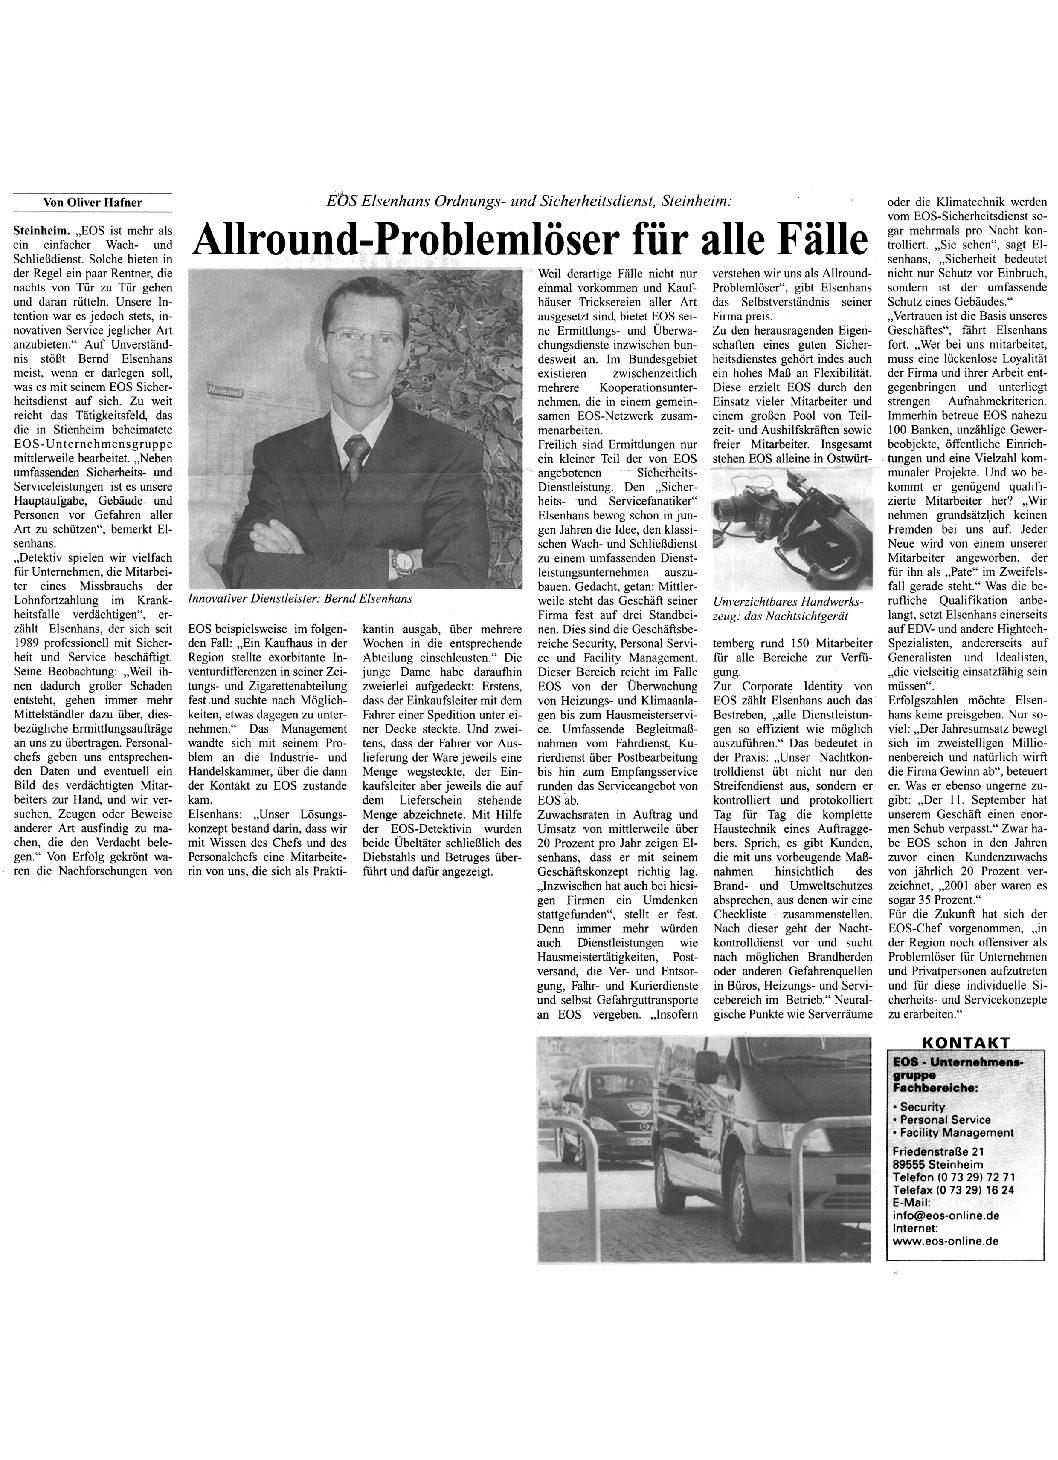 Allround-Problemlöser für alle Fälle